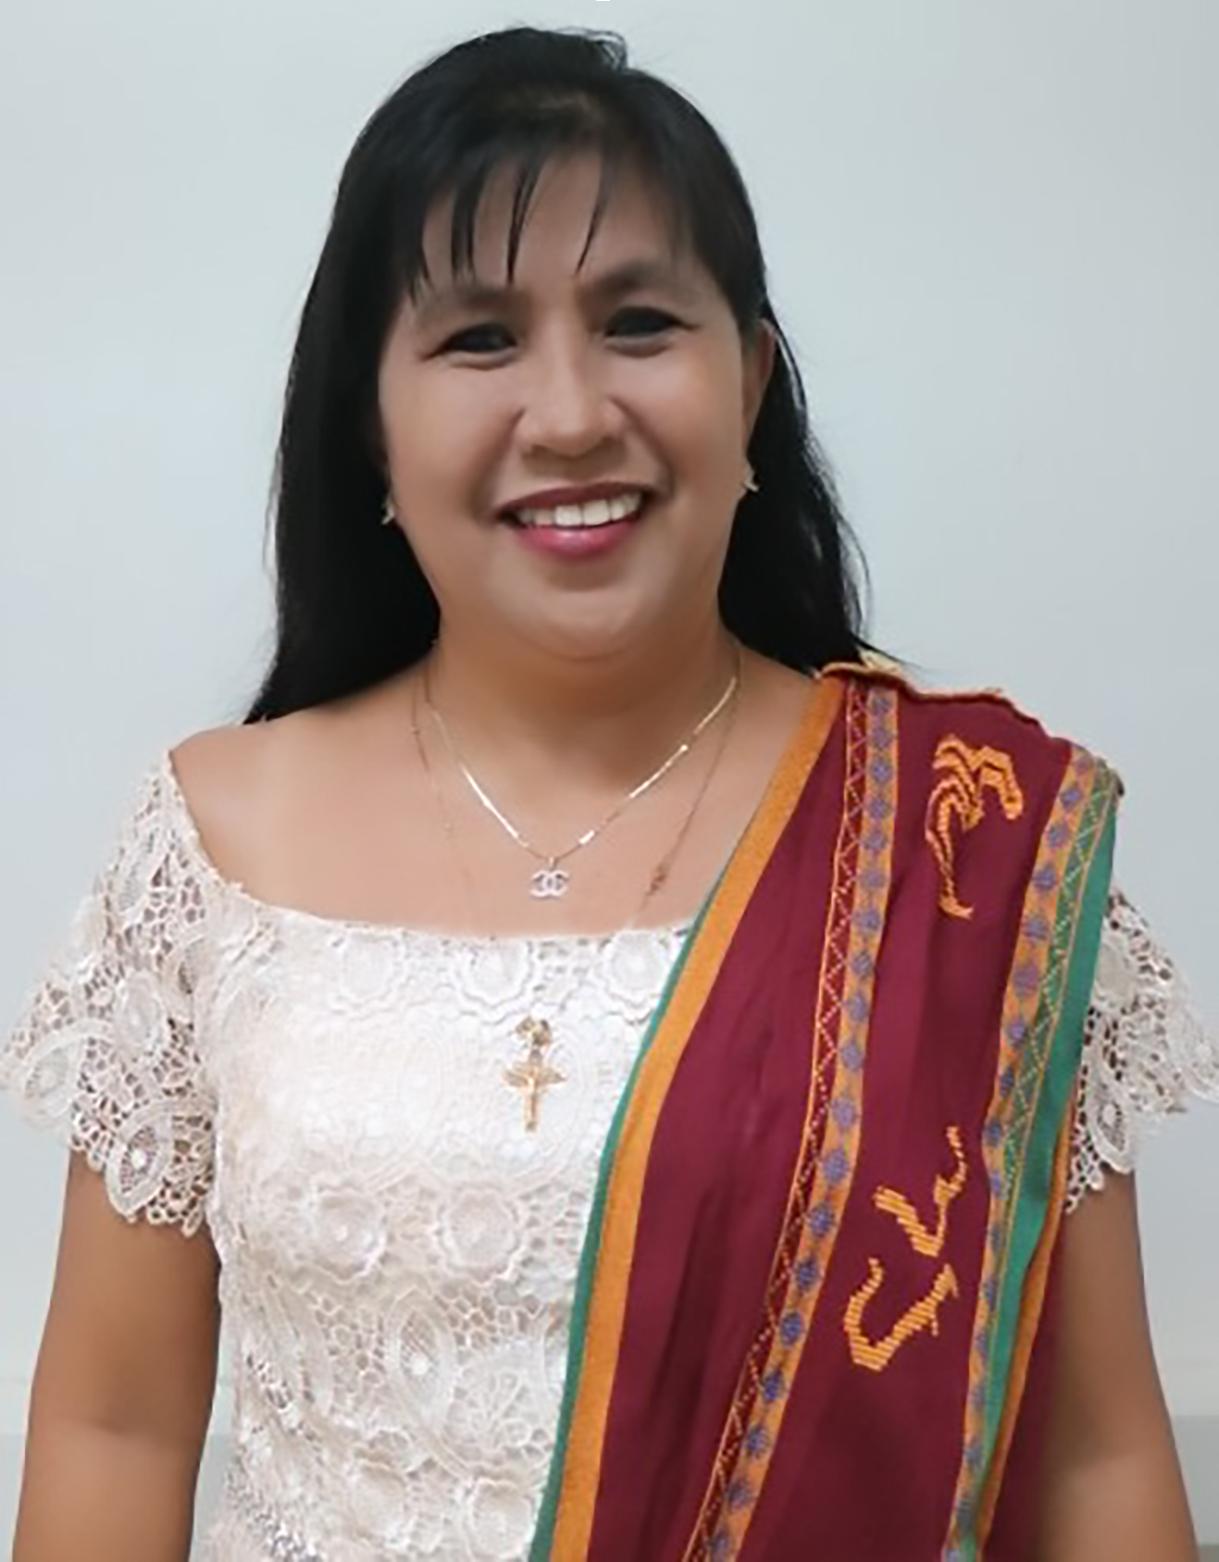 Dr. Rossana Marie C. Amongo